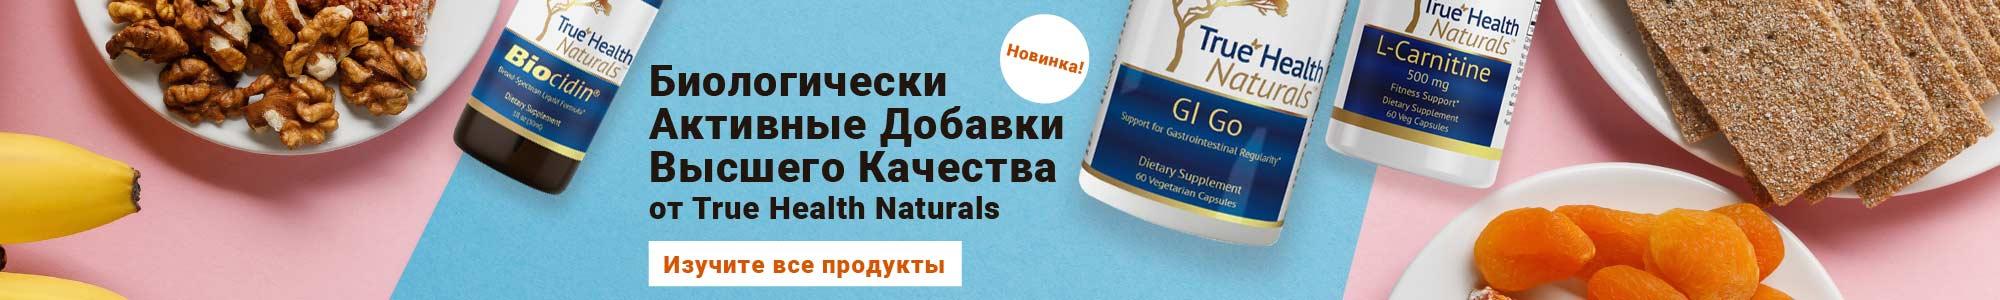 Новинка! Биологически Активные Добавки Высшего Качества от True Health Naturals. Изучите все продукты